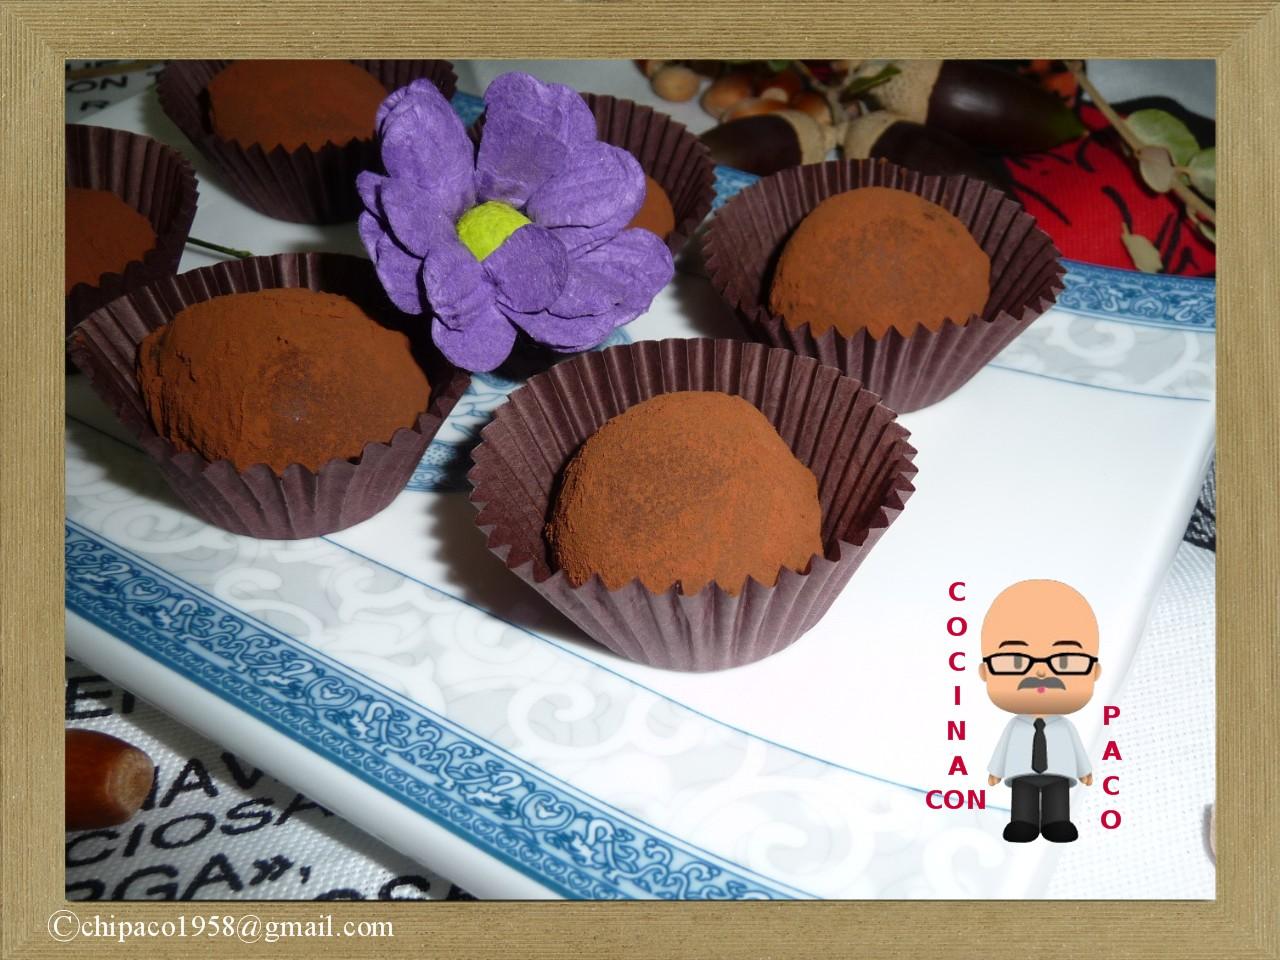 Cocina con paco trufas de chocolate - Cocina con paco ...